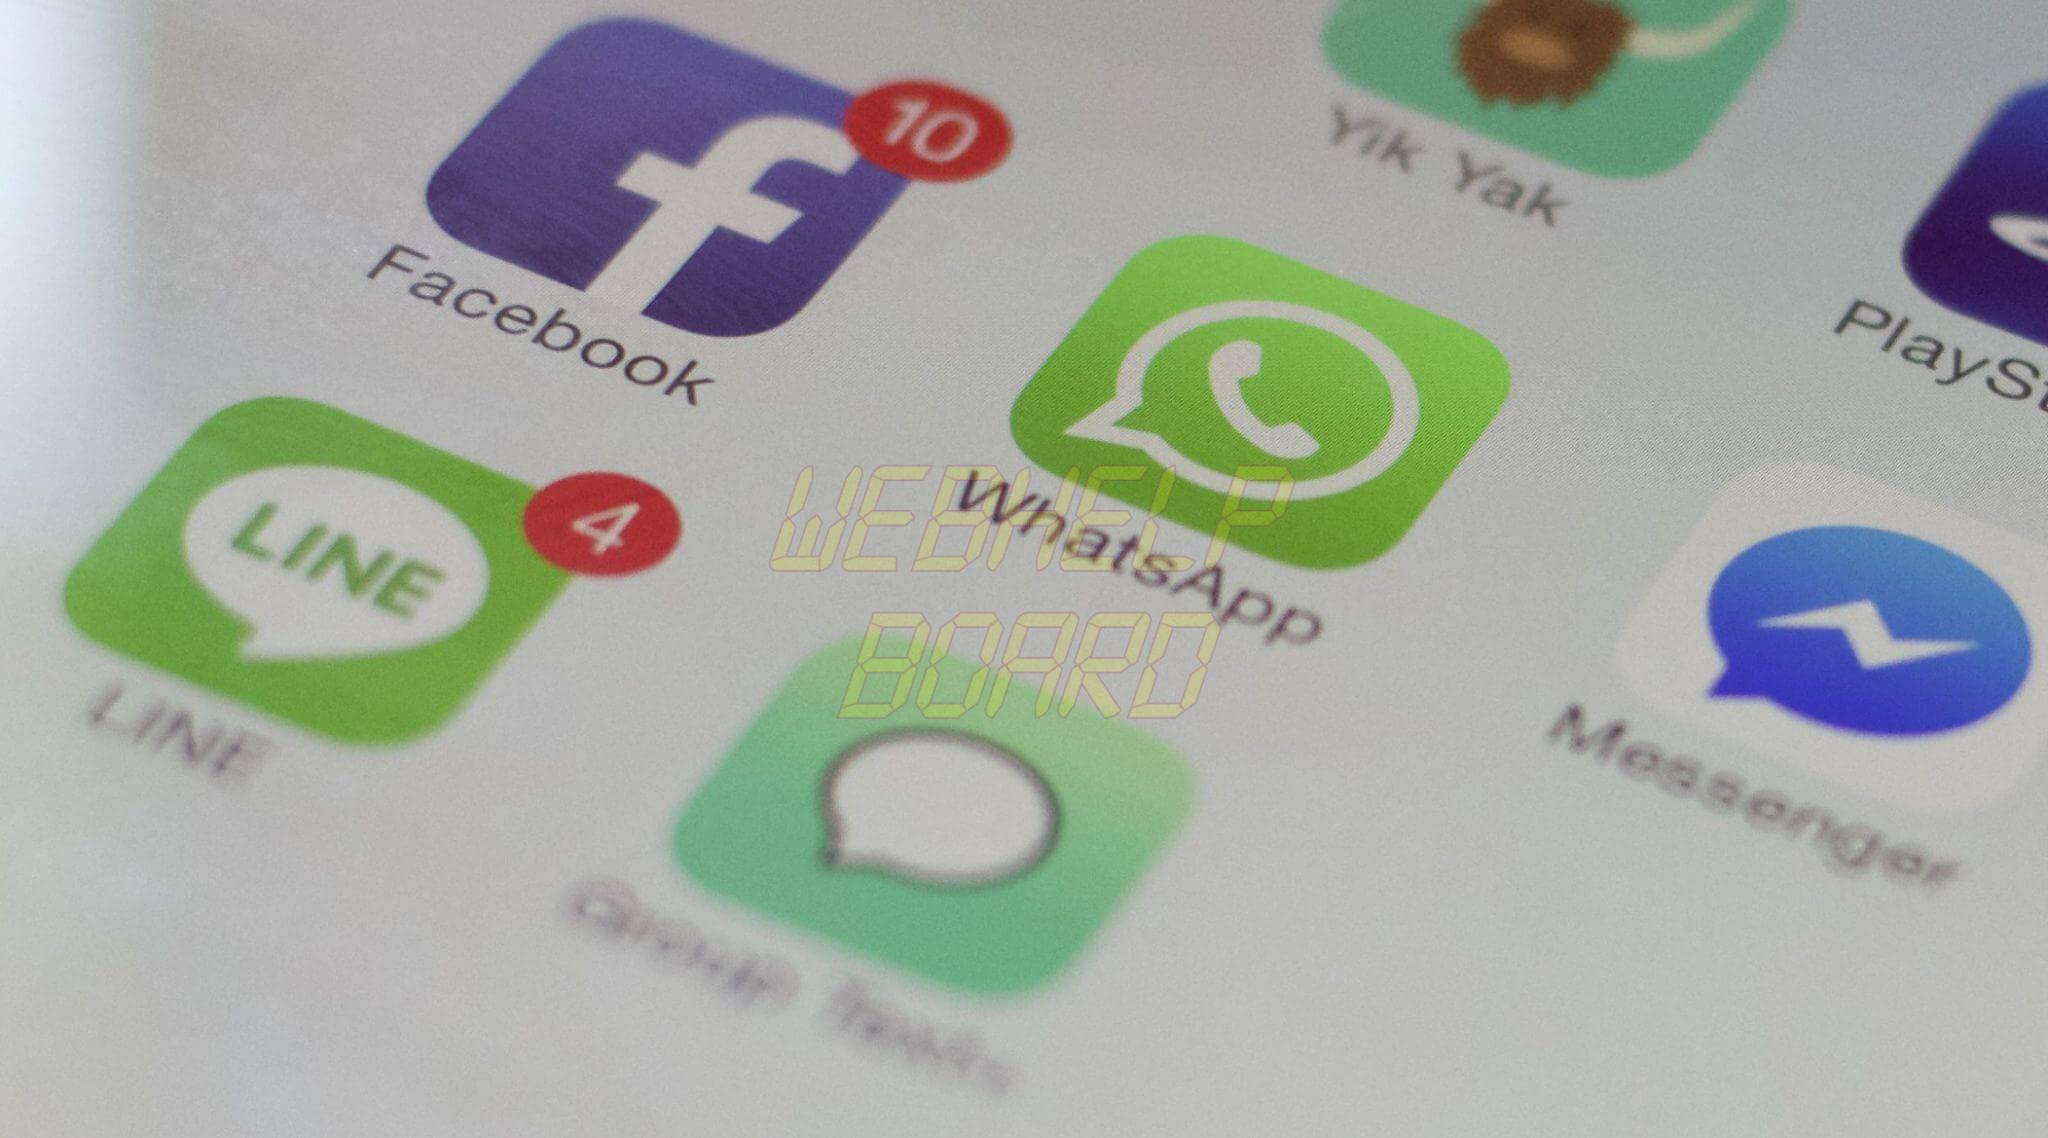 Whatsapp - Atualização do Whatsapp permite formatar textos mais facilmente